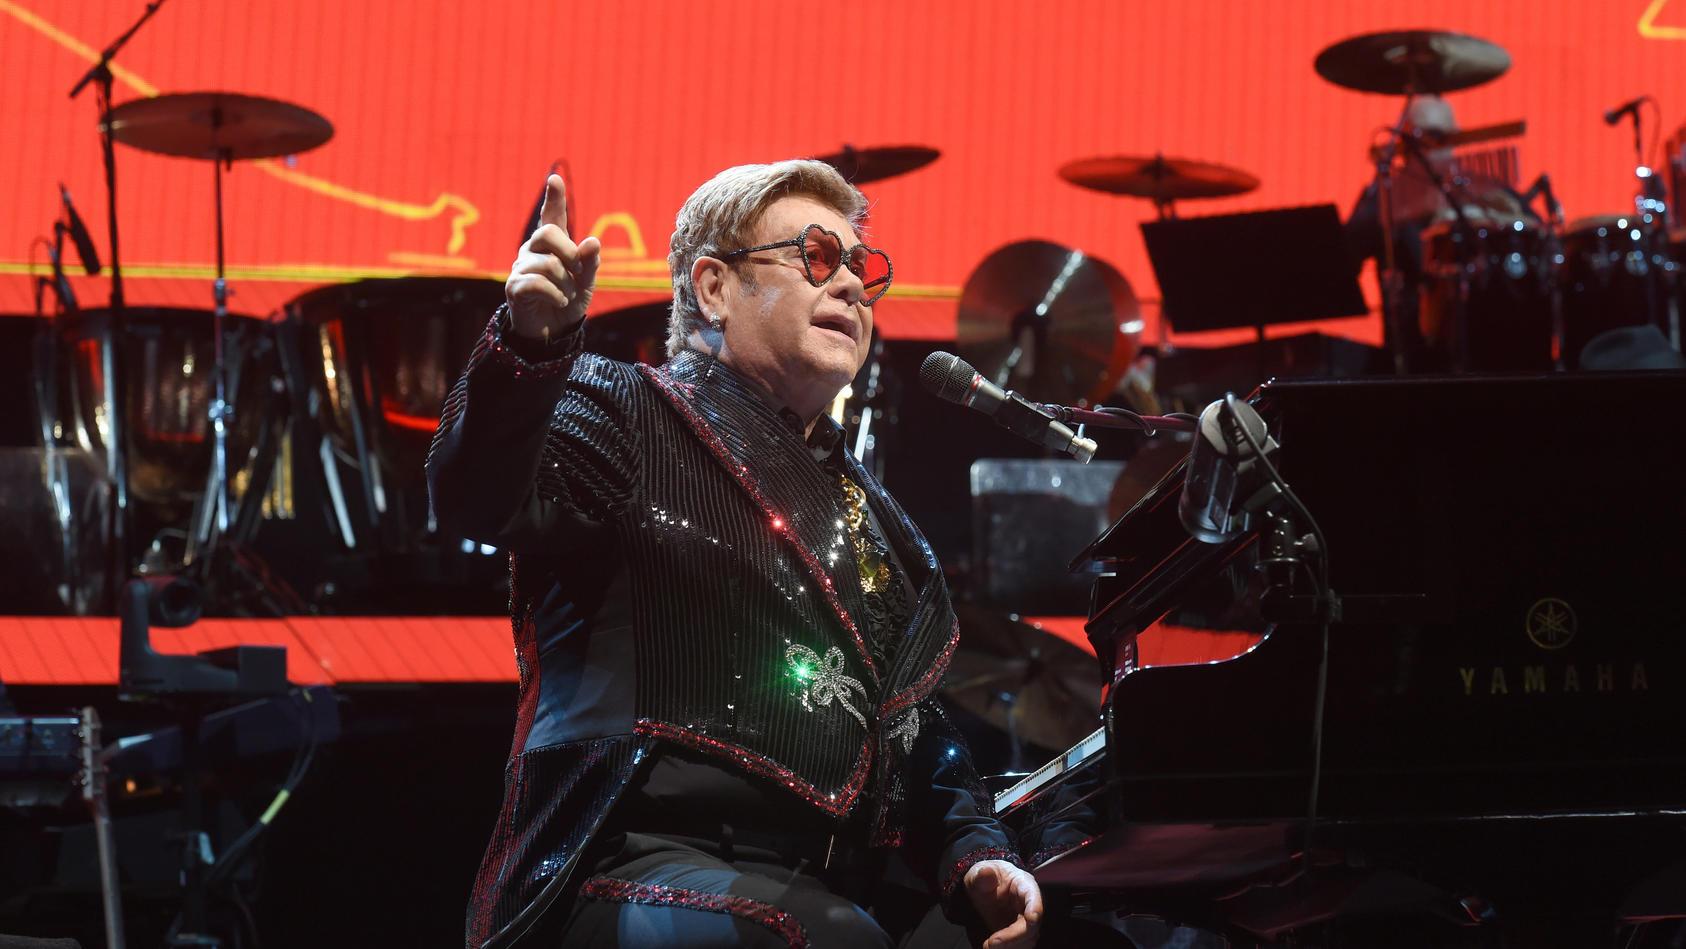 Bei einem Benefiz-Konzert rief Elton John zu weltweiter Corona-Solidarität auf.